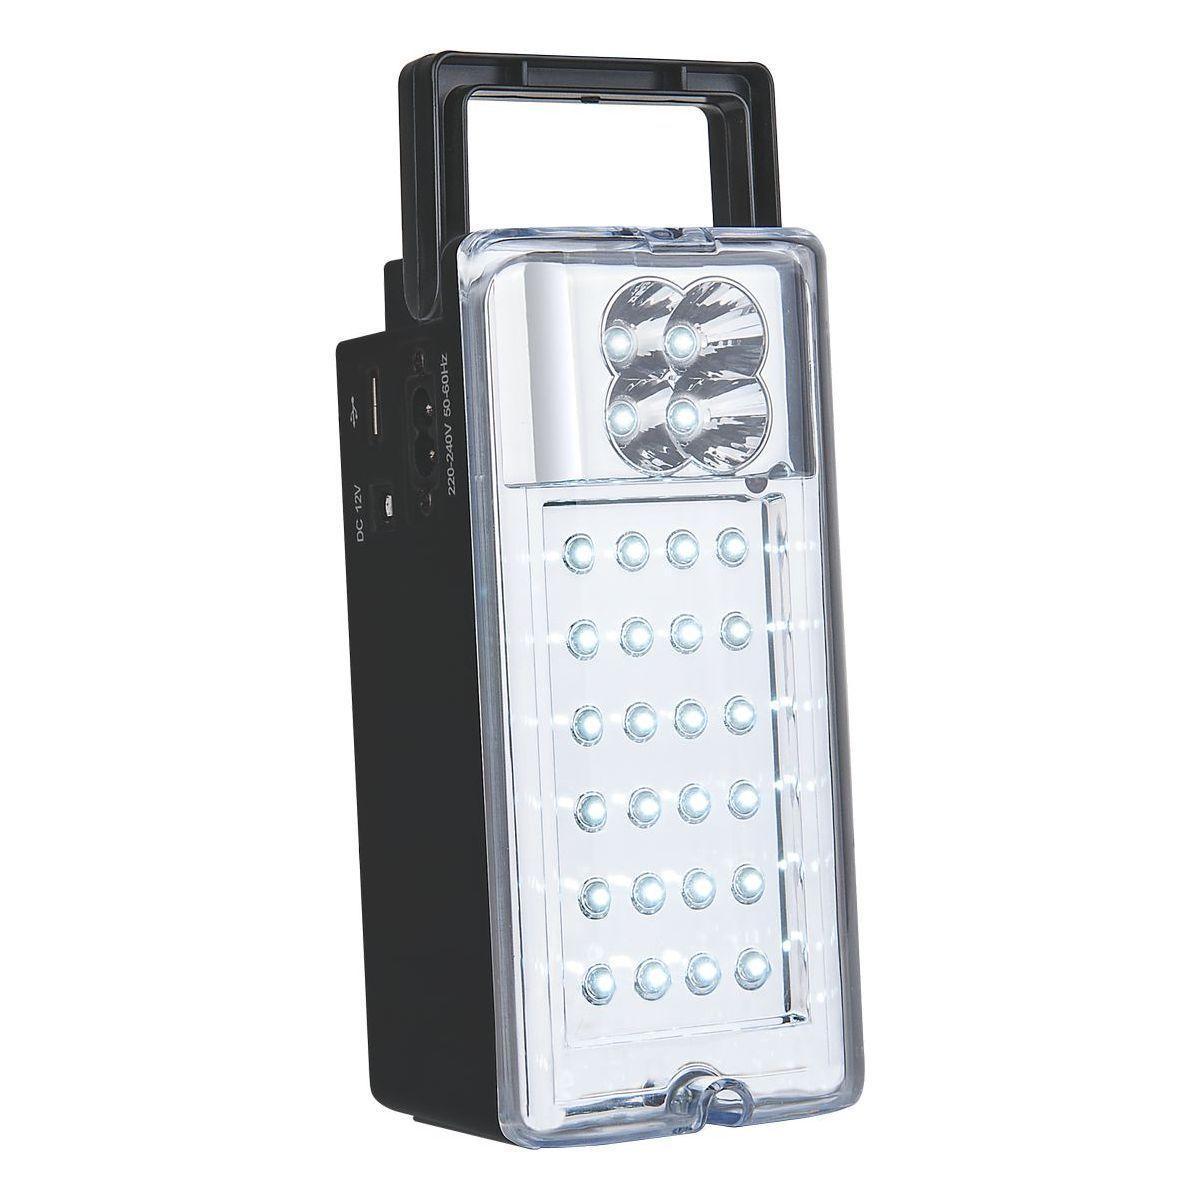 Кемпинговый светодиодный фонарь Elektrostandard Light Station аккумуляторный 120 лм 4690389049224 фонарь кемпинговый navigator 94 948 npt ca06 3aa светодиодный